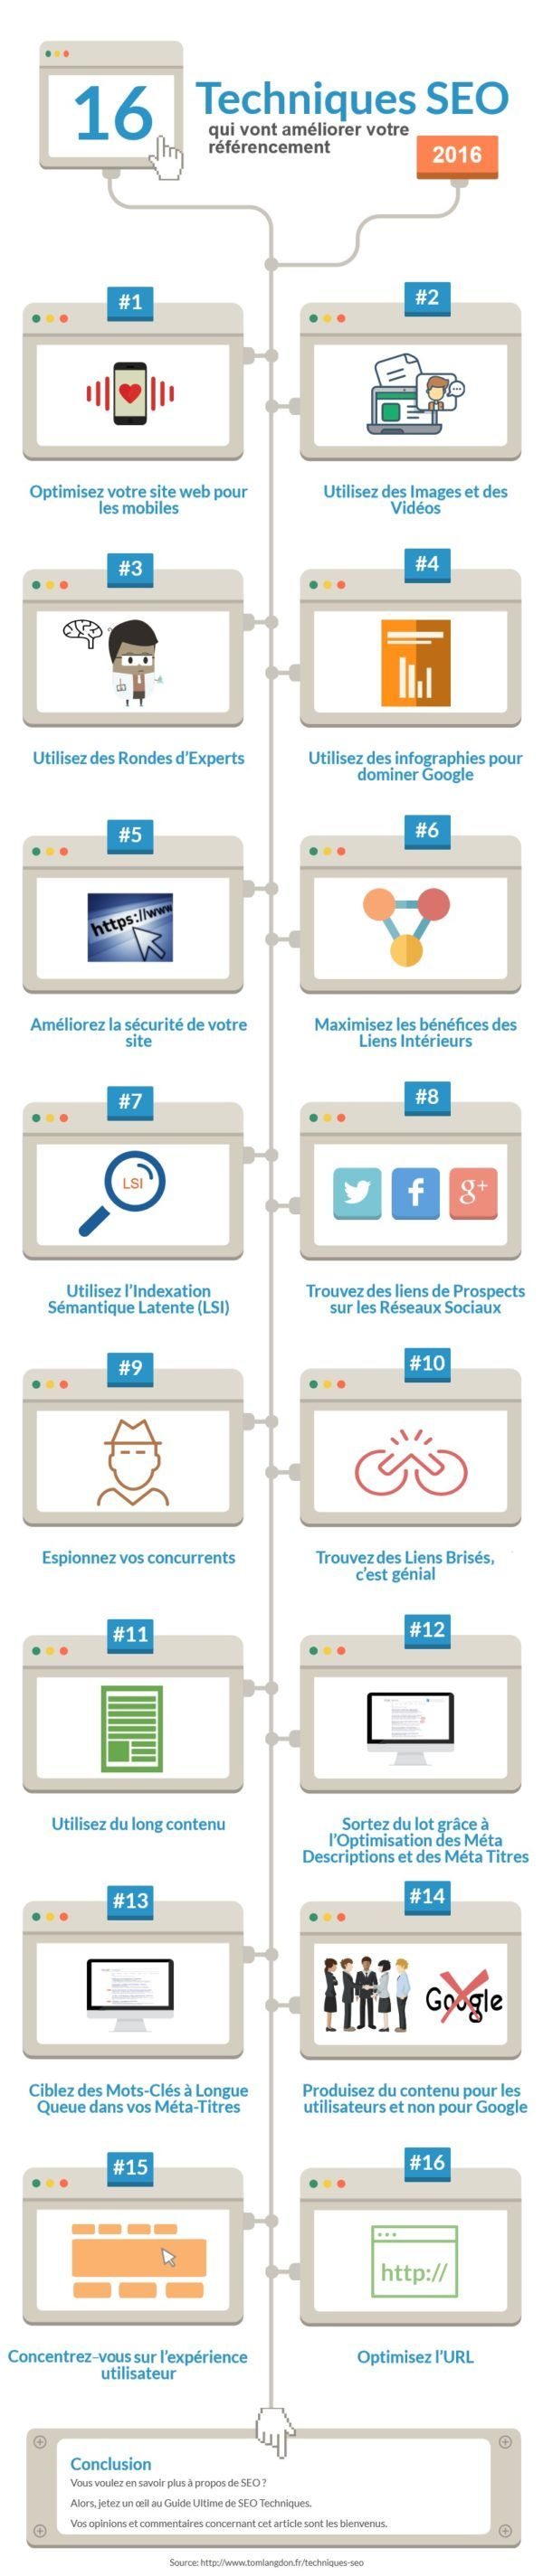 Webmarketing & co'm Search Marketing Social Media Inbound Marketing E-commerce Mobile Marketing Entreprendre Emploi [Infographie] 16 techniques SEO que tout site devrait utiliser